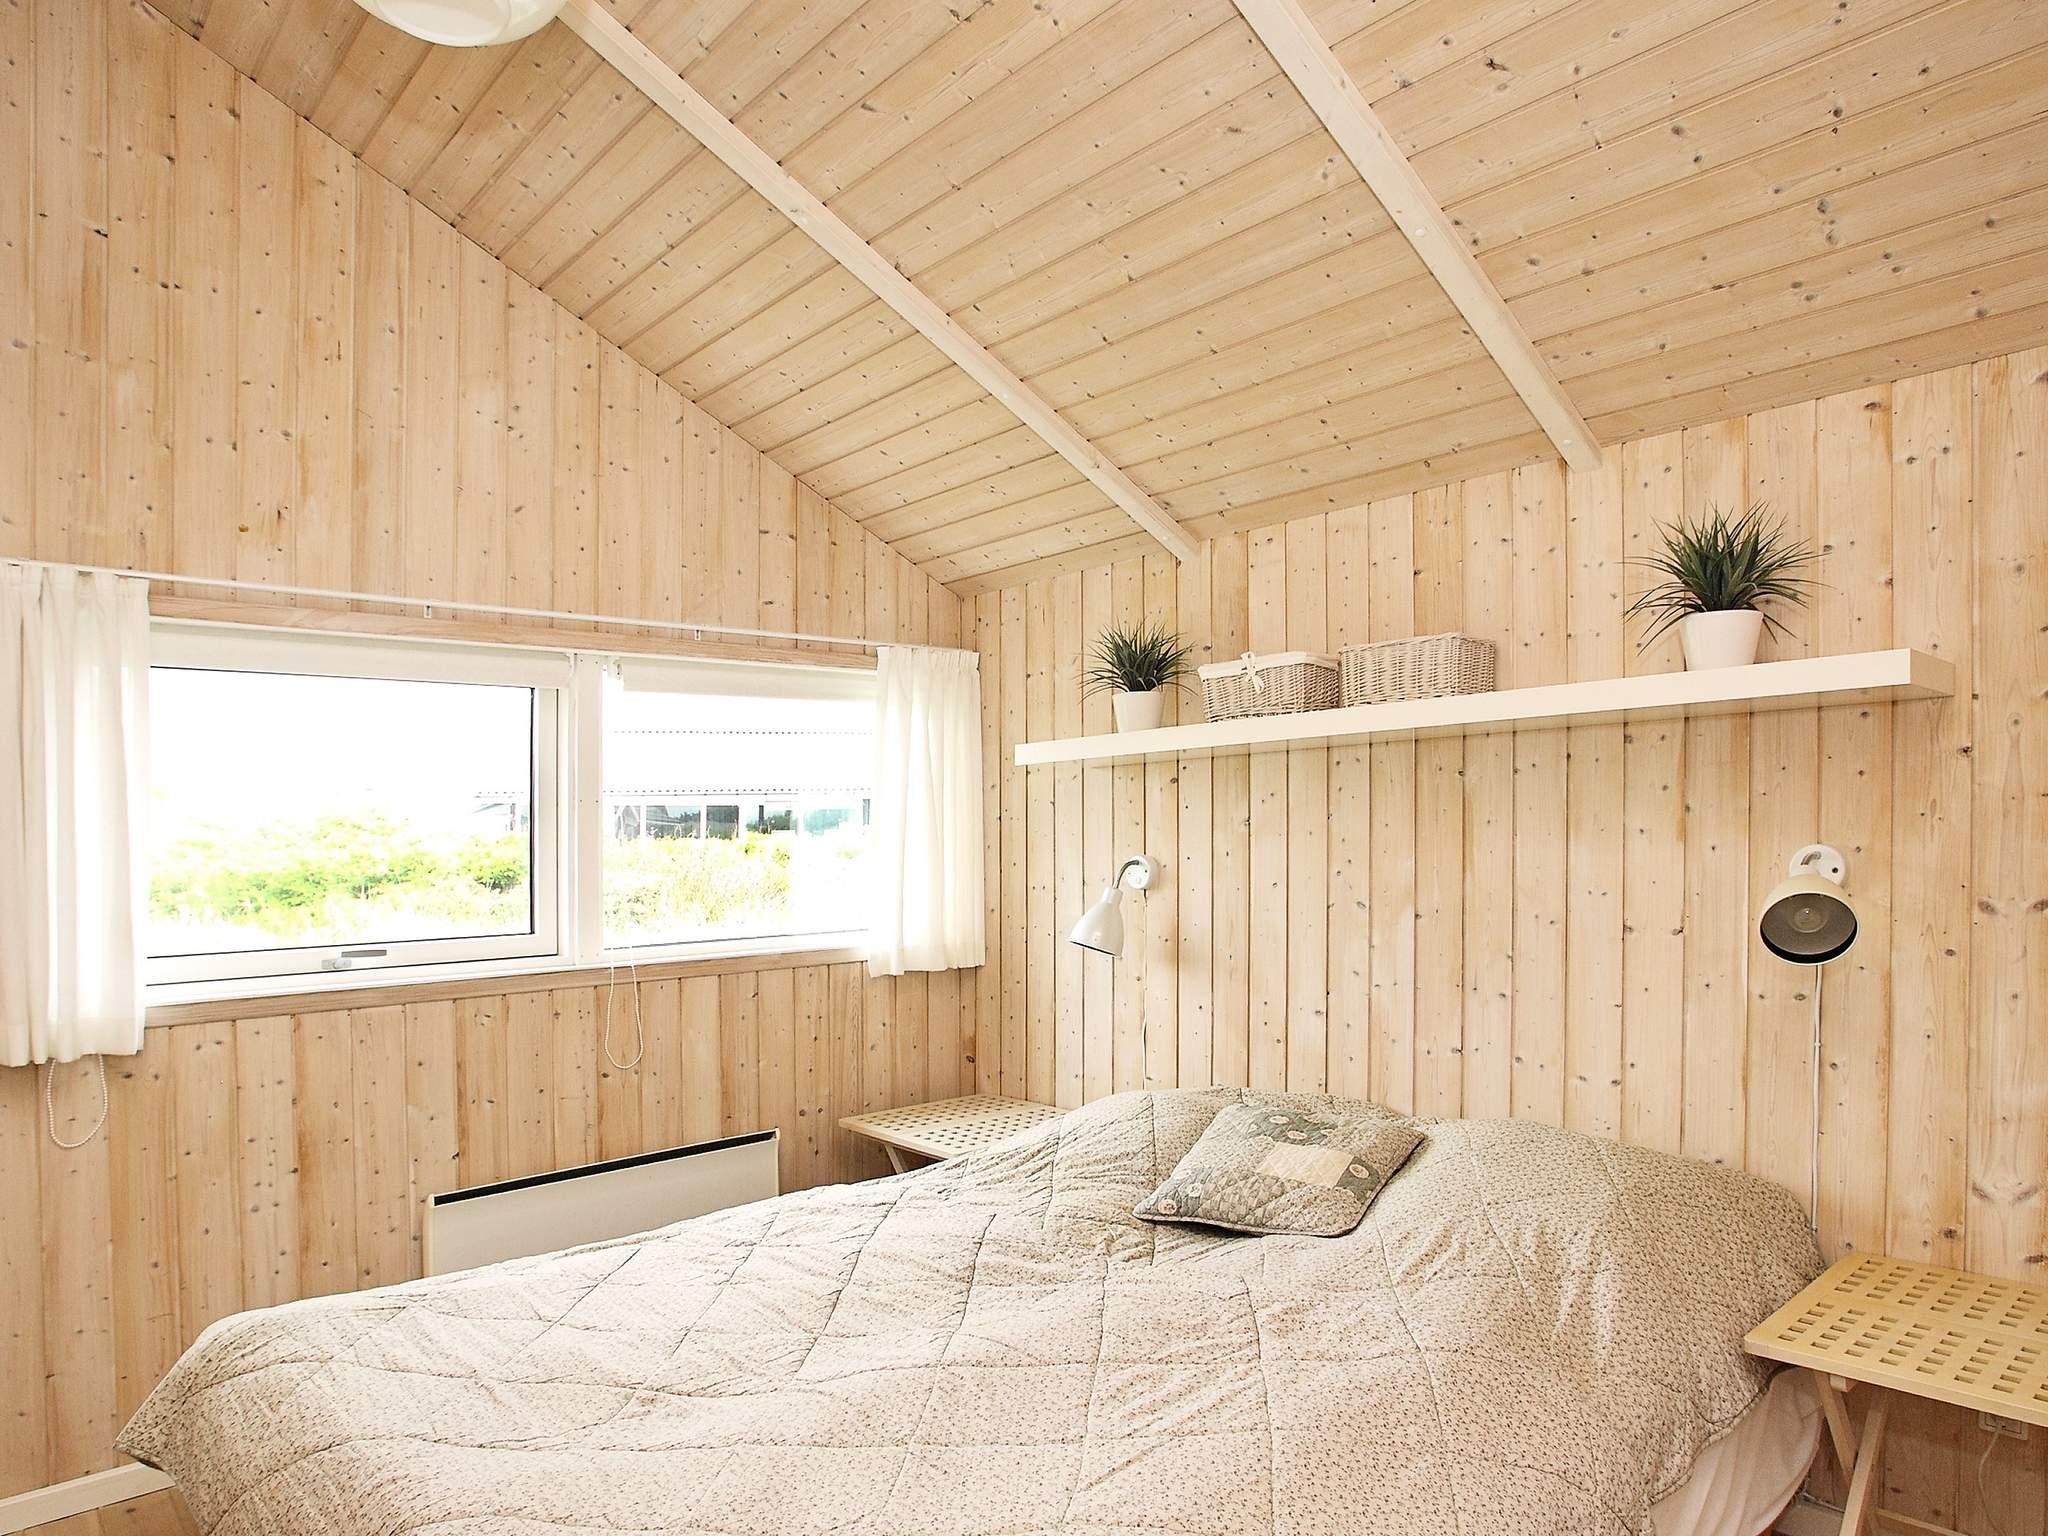 Ferienhaus Løkken (84530), Løkken, , Dänische Nordsee, Dänemark, Bild 10